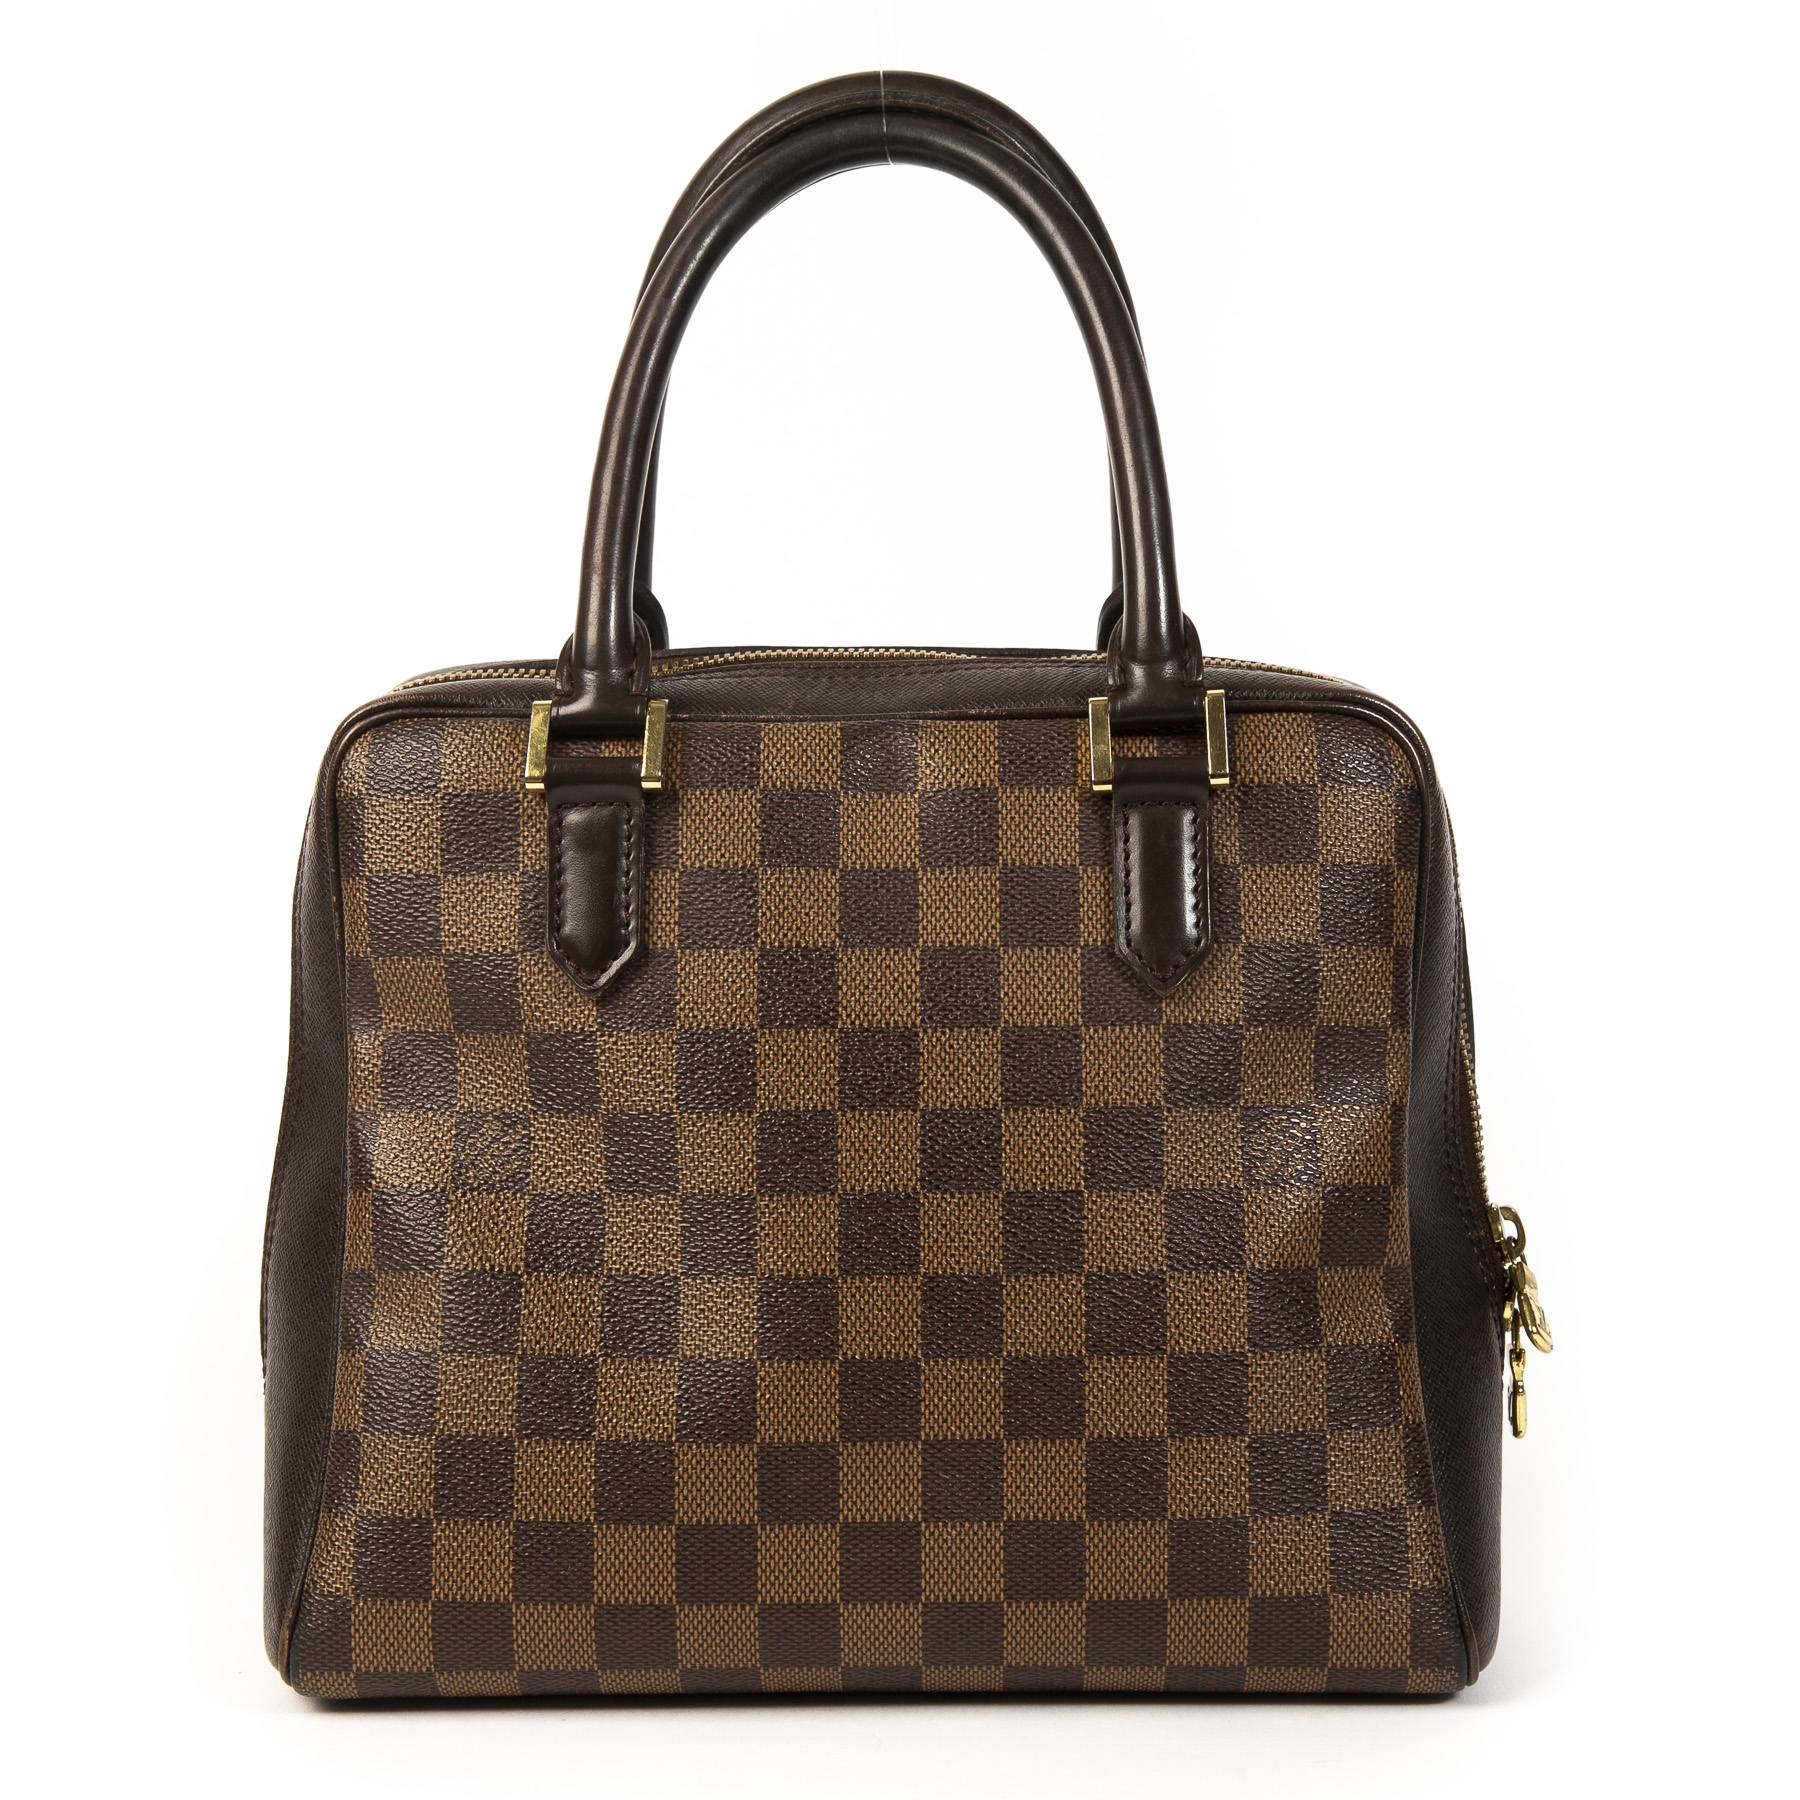 Authentieke Tweedehands Louis Vuitton Damier Ebene Triana Top Handle Bag juiste prijs veilig online shoppen luxe merken webshop winkelen Antwerpen België mode fashion